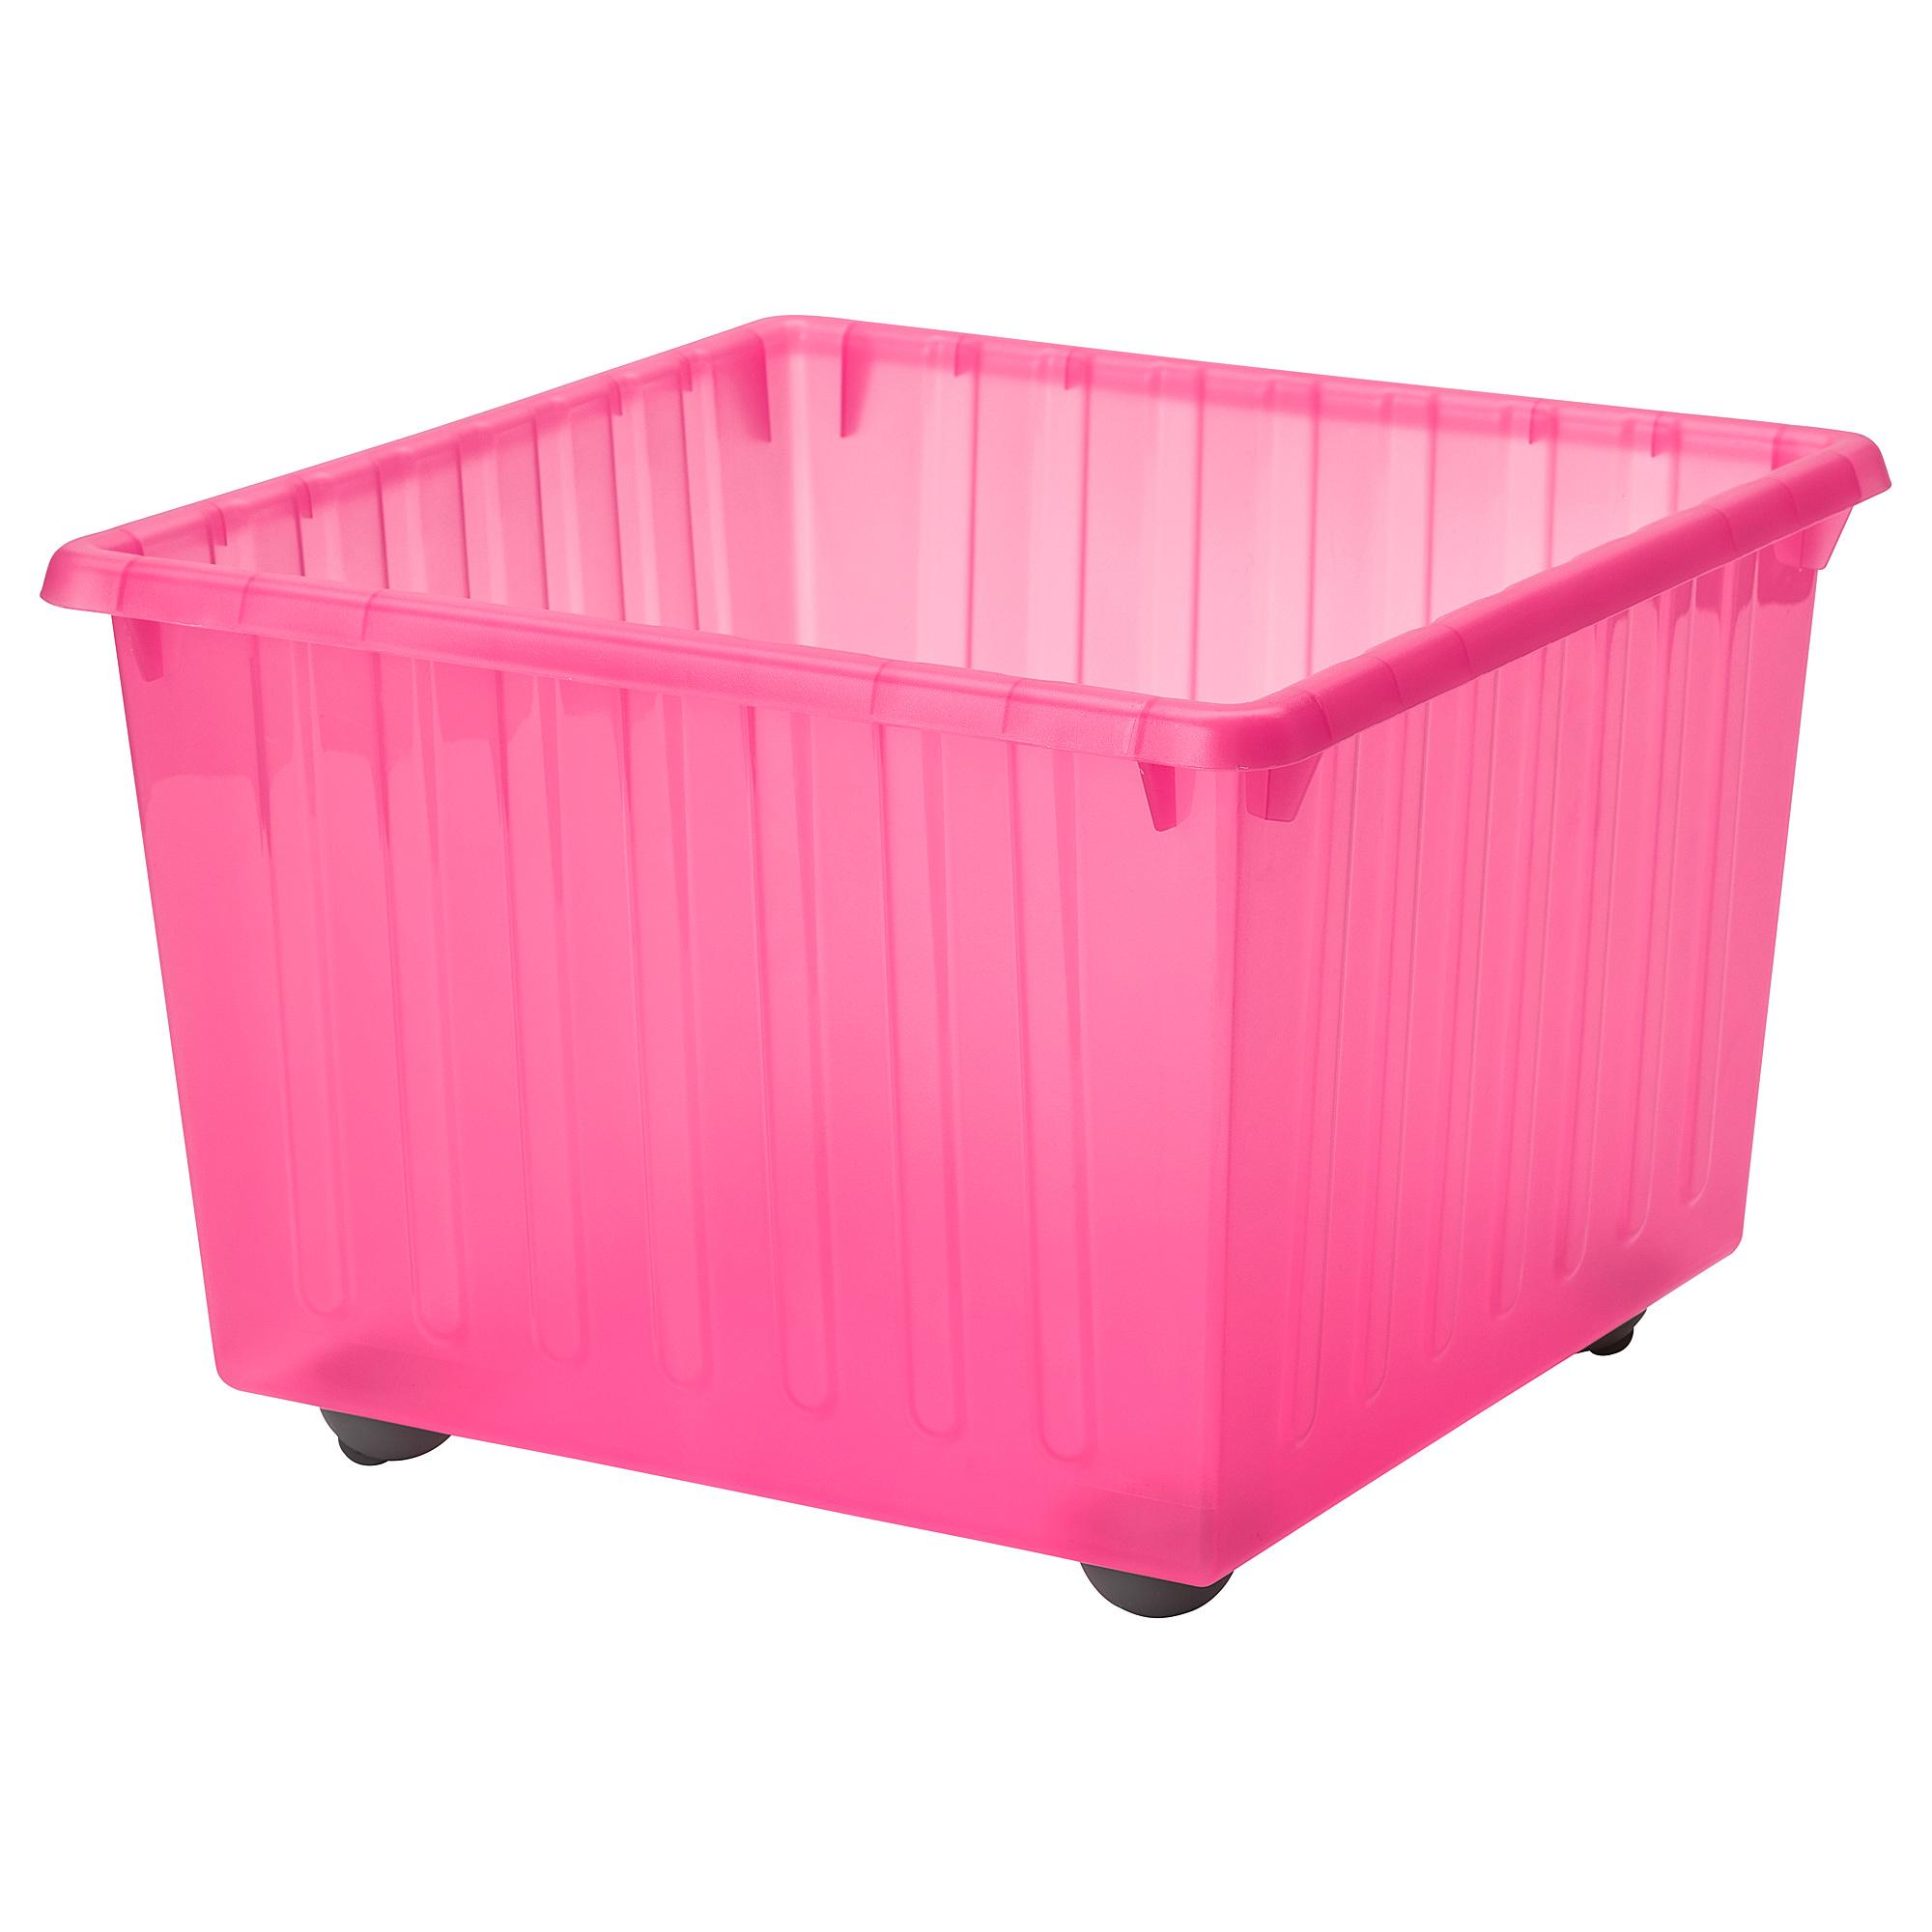 附輪腳收納盒, , 淺粉紅色, 另有其他顏色可選擇